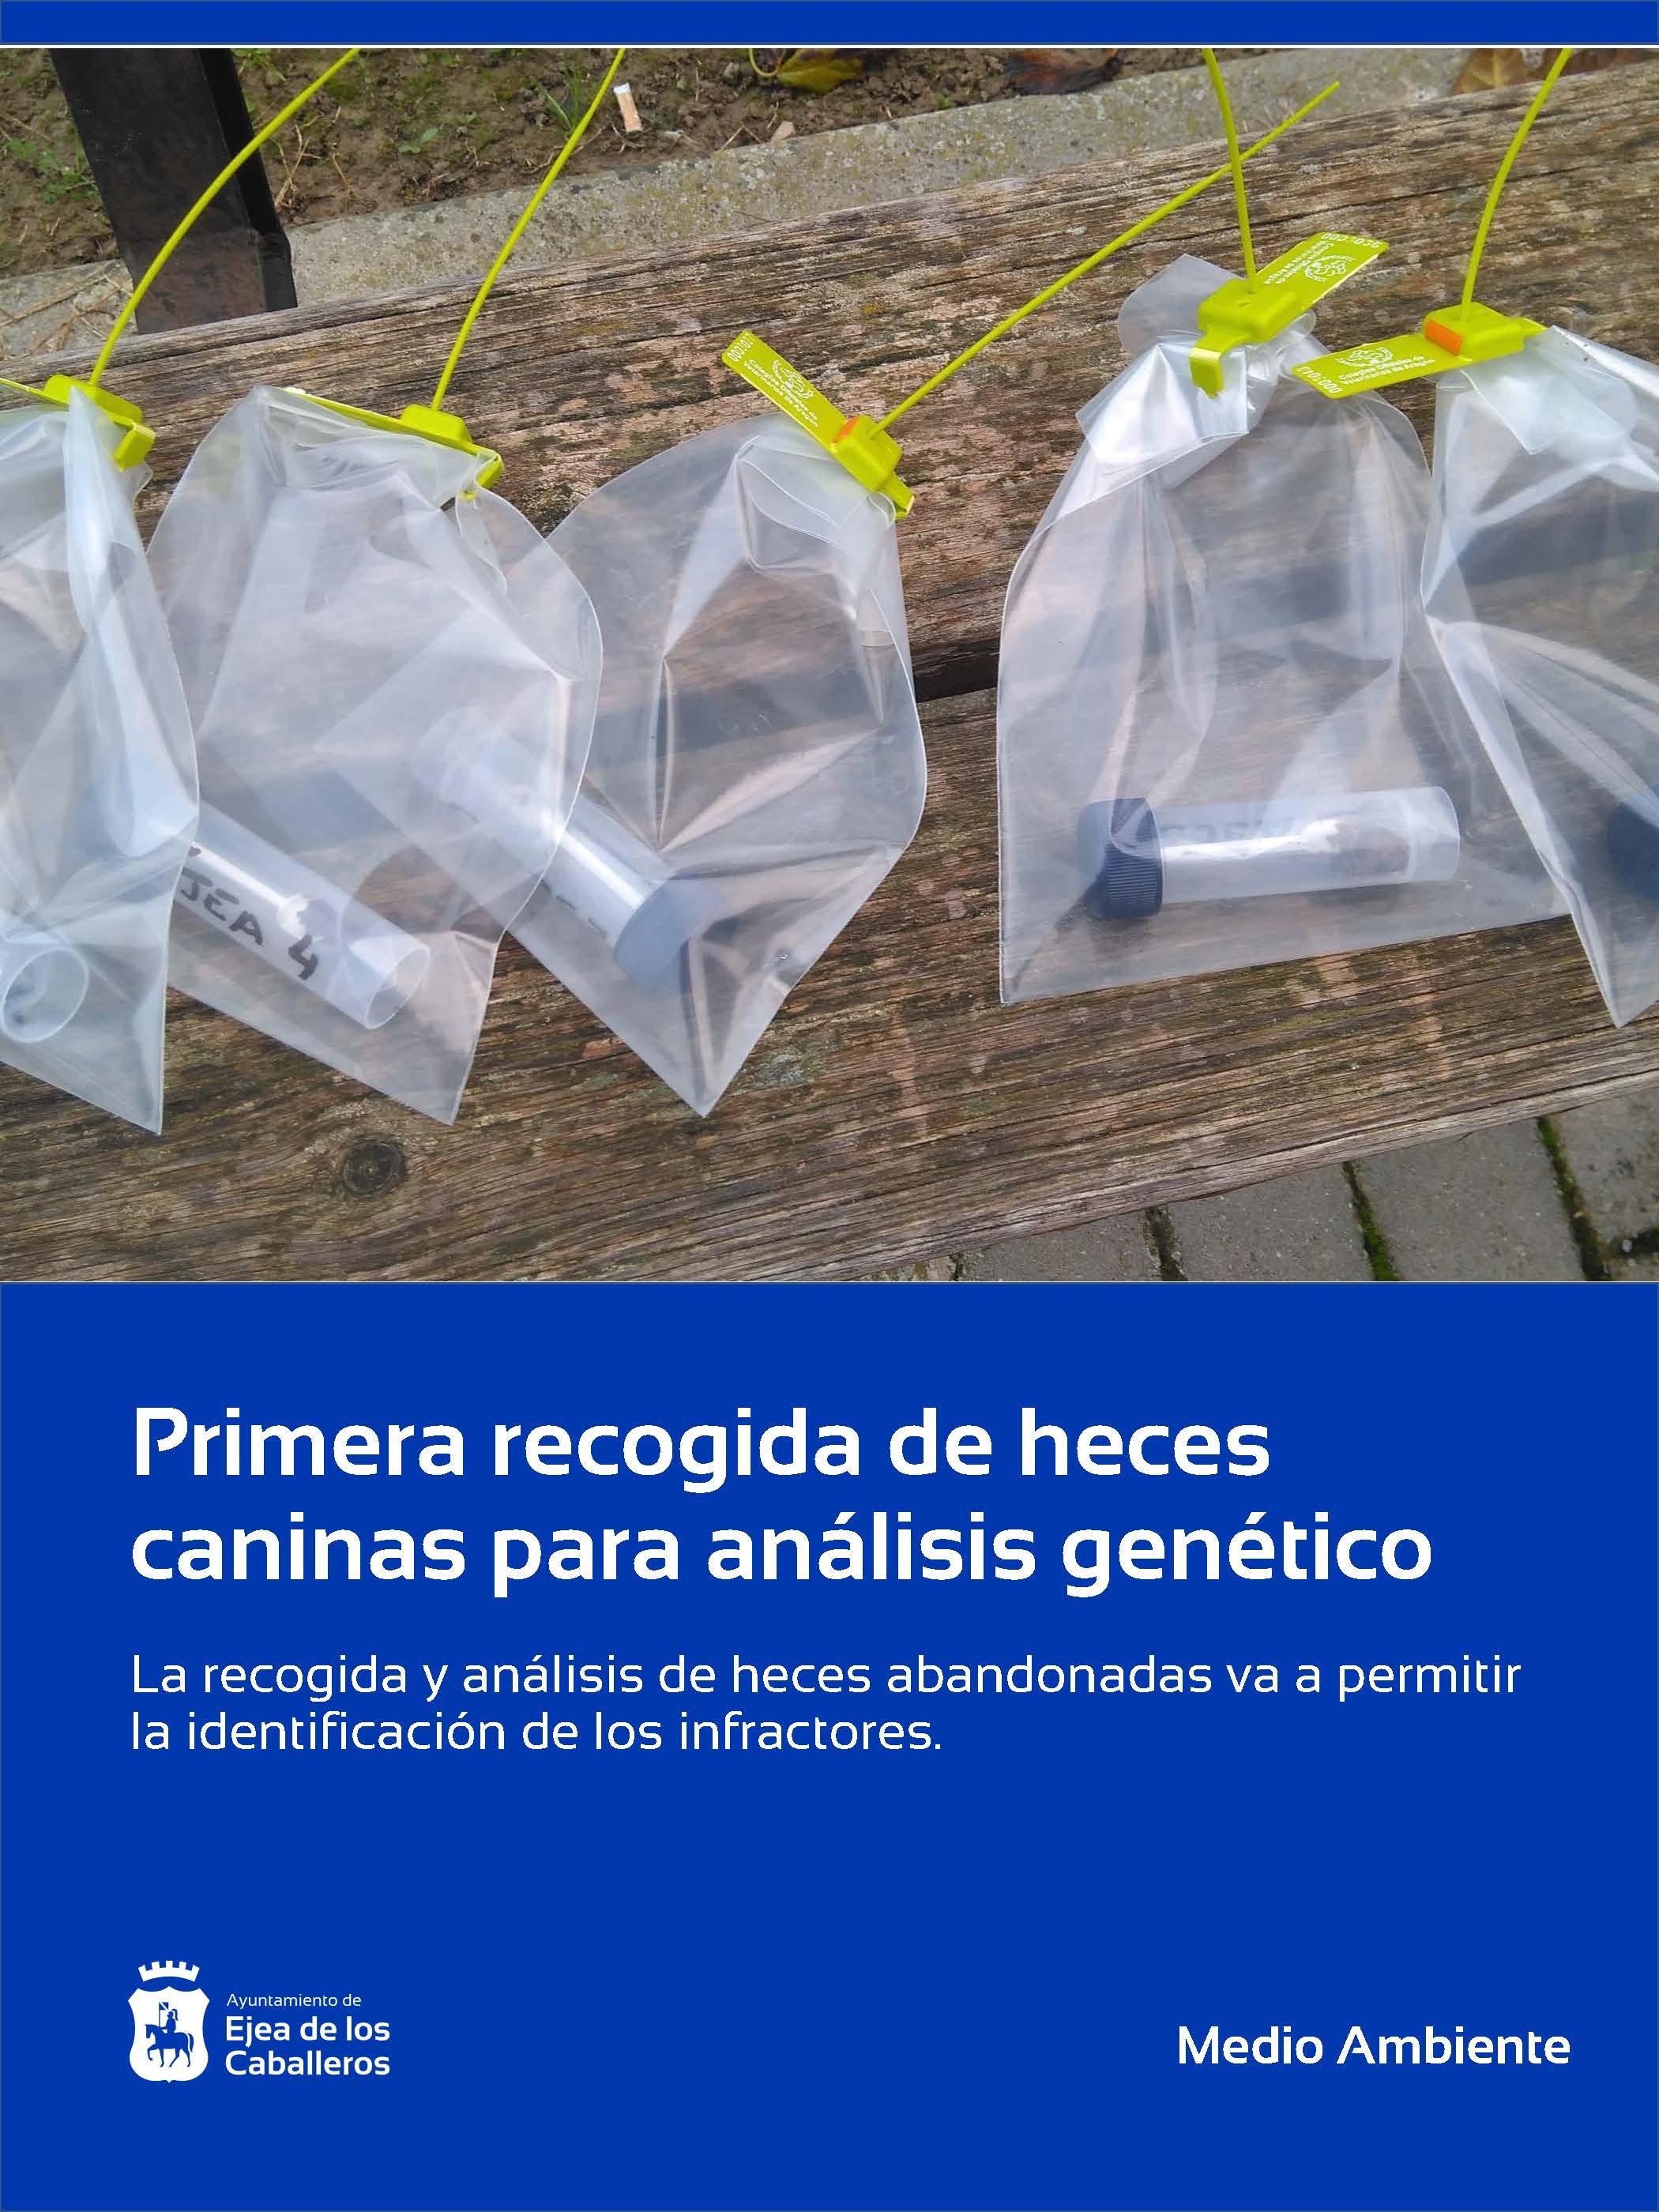 El Ayuntamiento de Ejea de los Caballeros realiza la primera recogida de heces caninas para análisis genético de Aragón